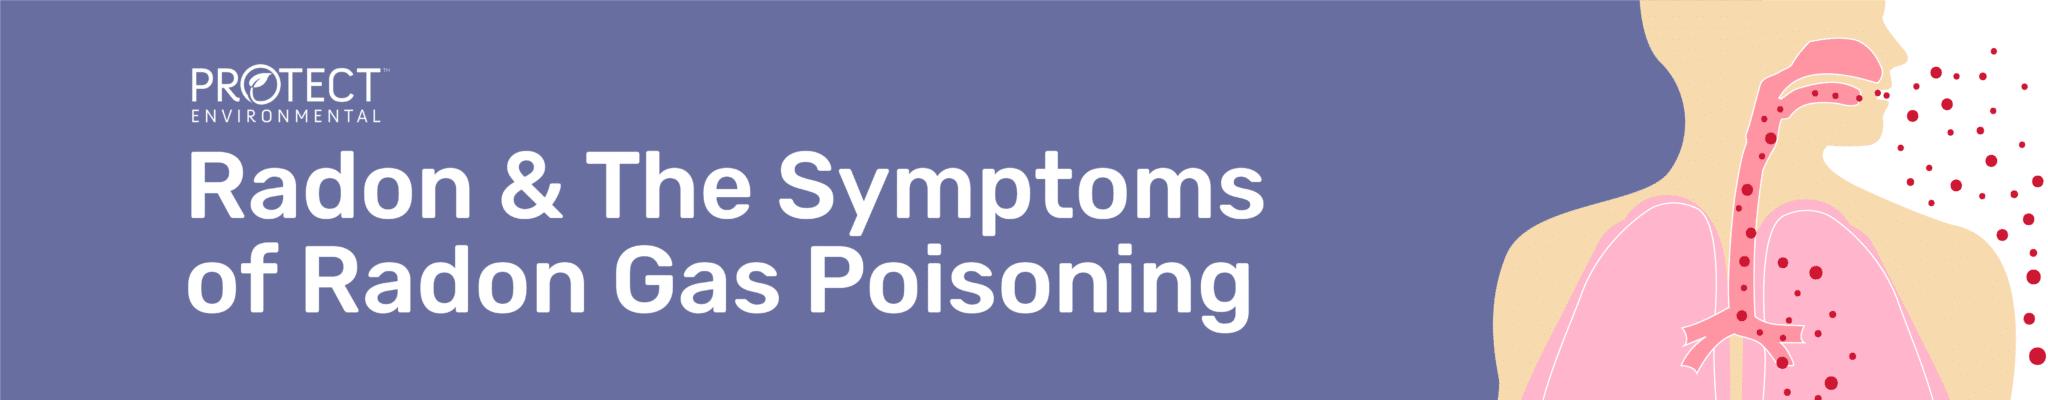 Radon-Gas-Poisoning-Header